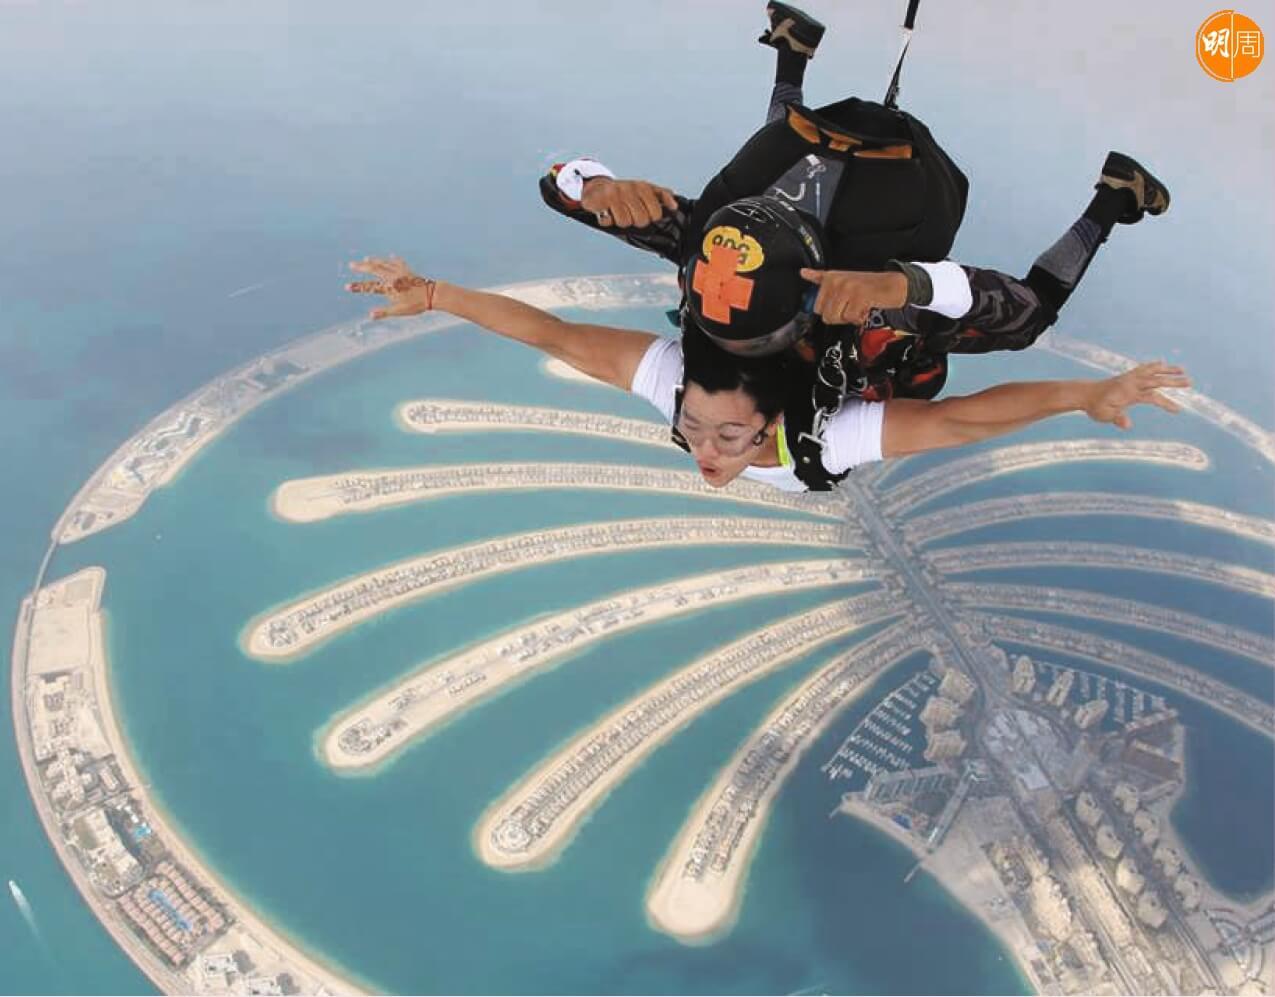 早前翠怡去到杜拜,一嘗高空跳傘的滋味。